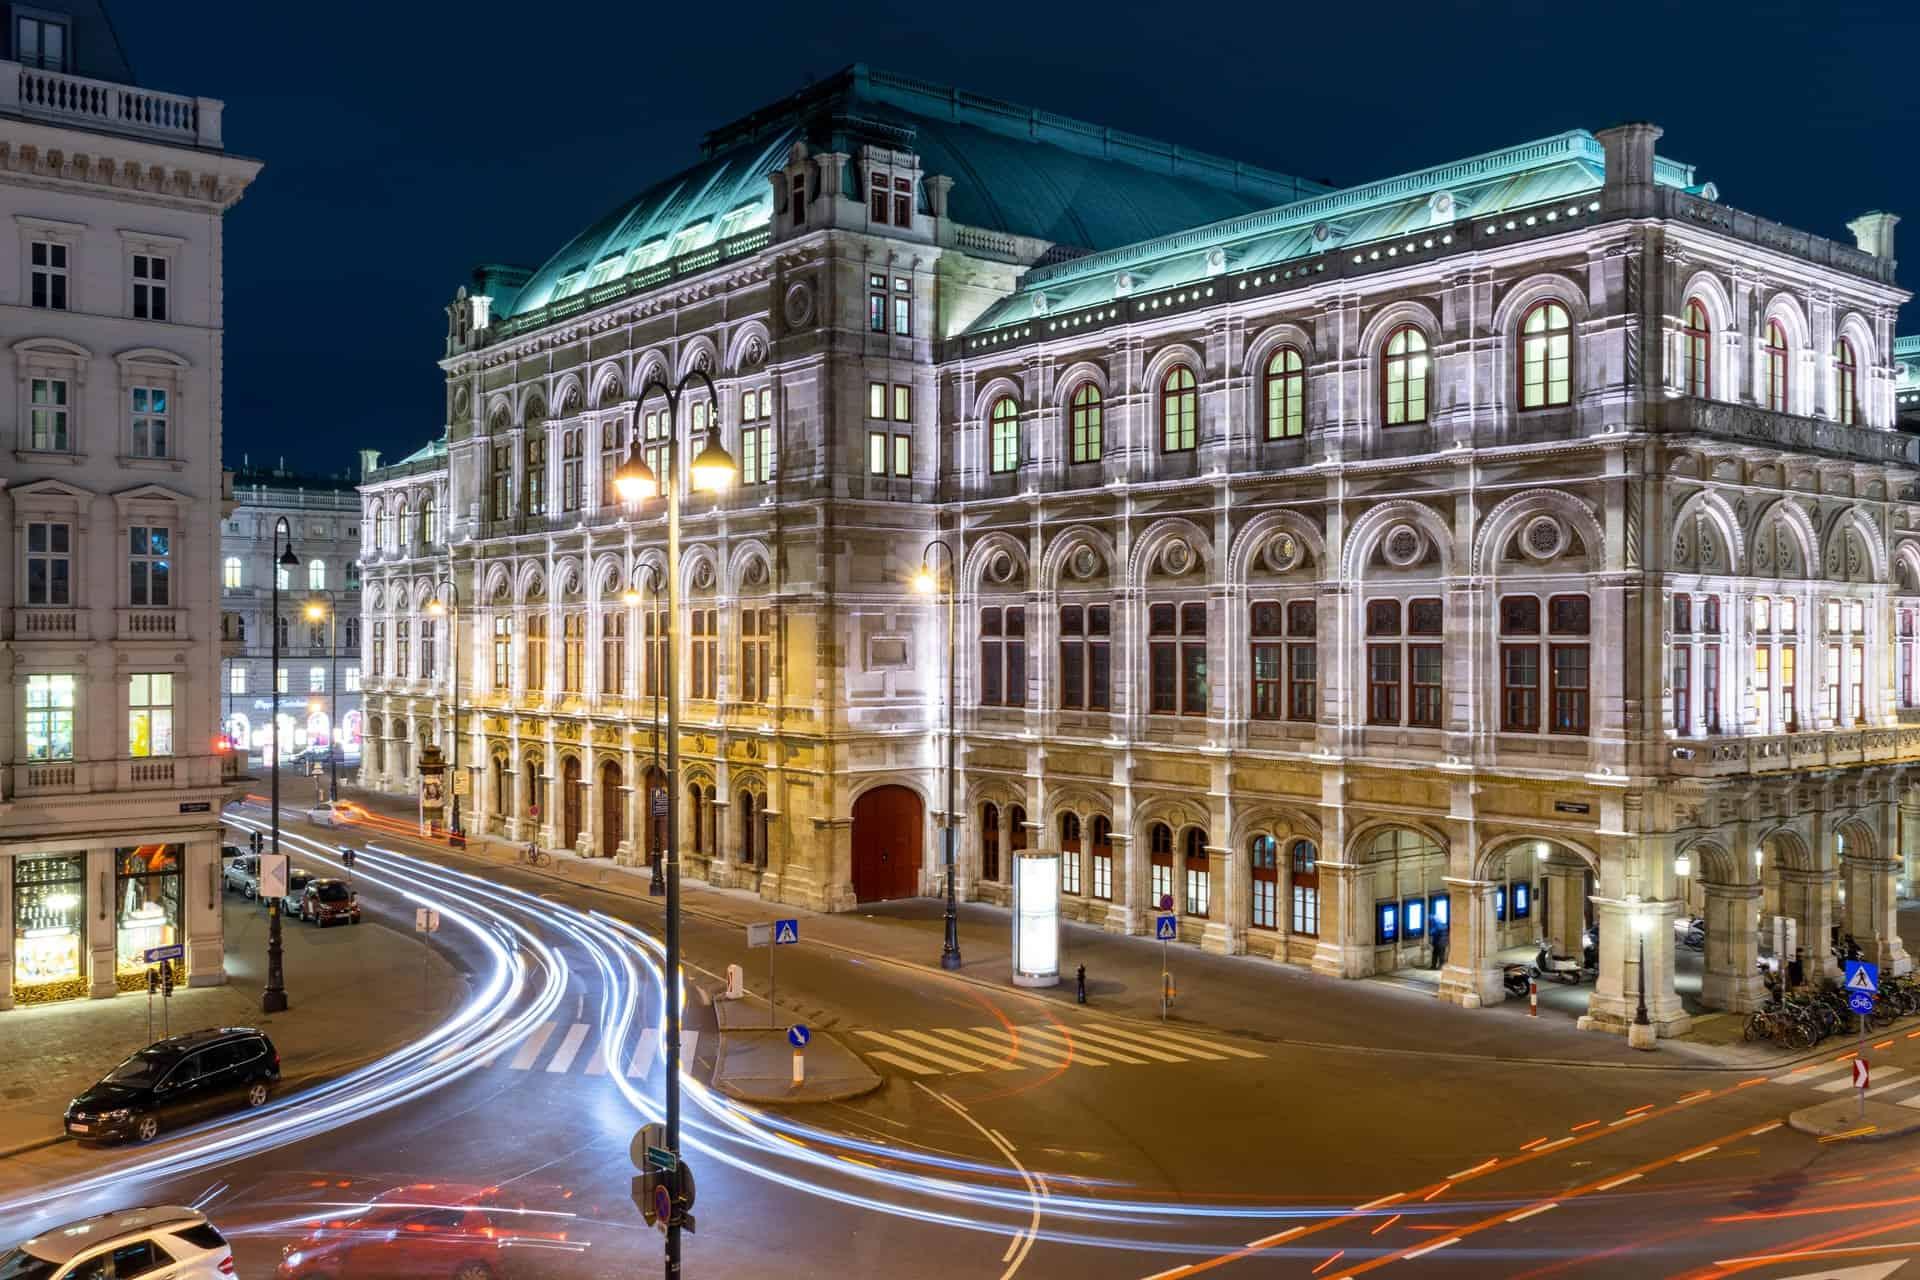 La Ópera de Viena se reinventa como museo y ofrece visitas guiadas para poder abrir sus puertas al público